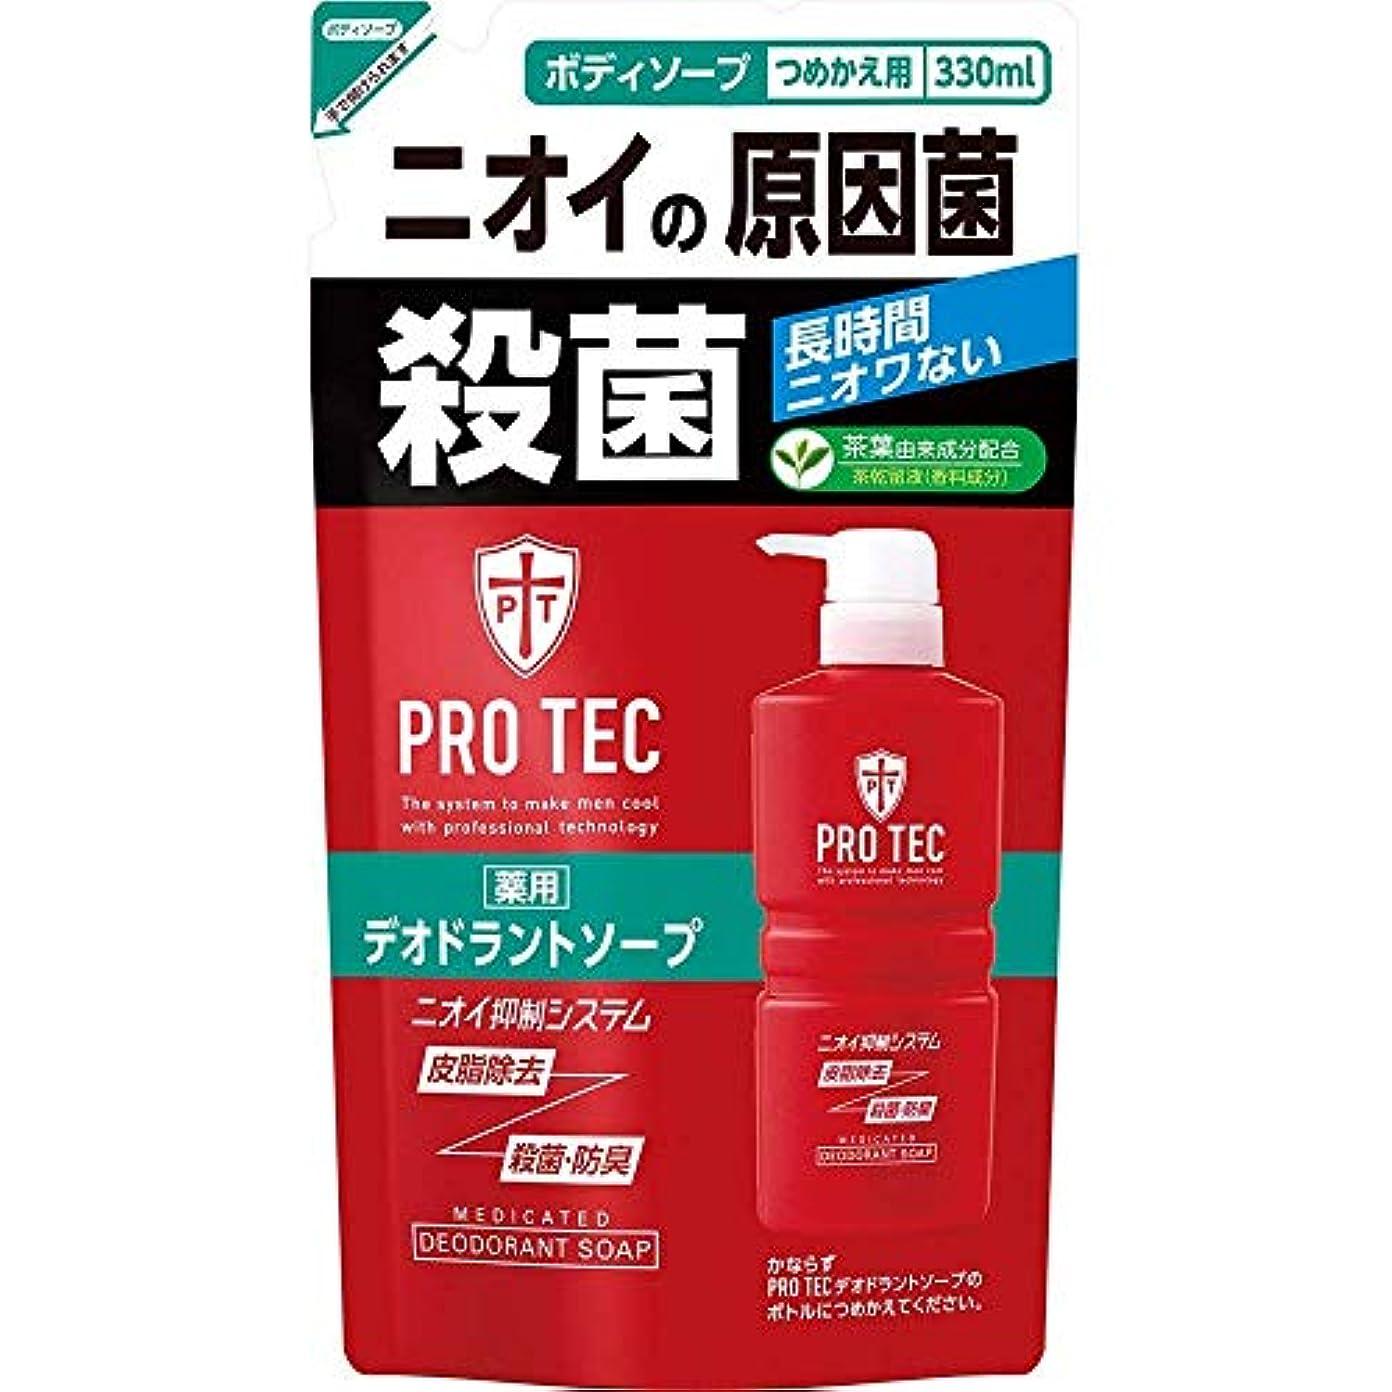 PRO TEC デオドラントソープ つめかえ用 330ml ×2セット